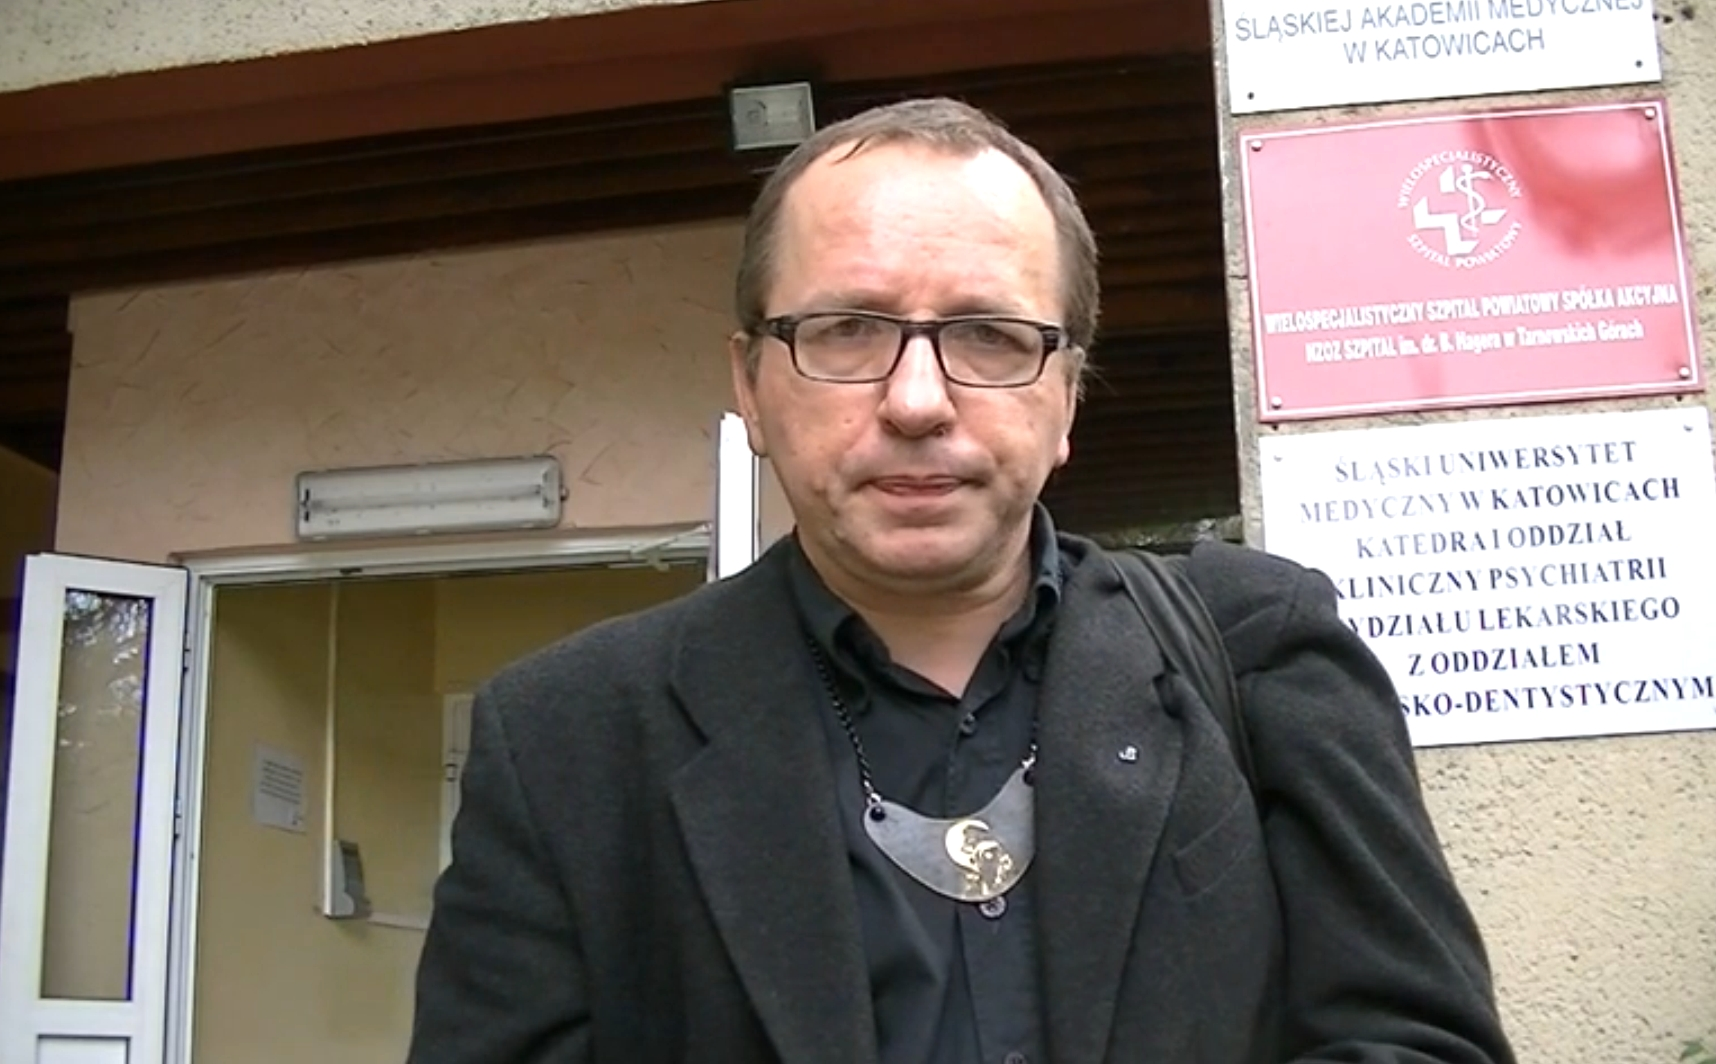 Represje psychiatryczne za akcję przeciw pomnikowi Sowietów